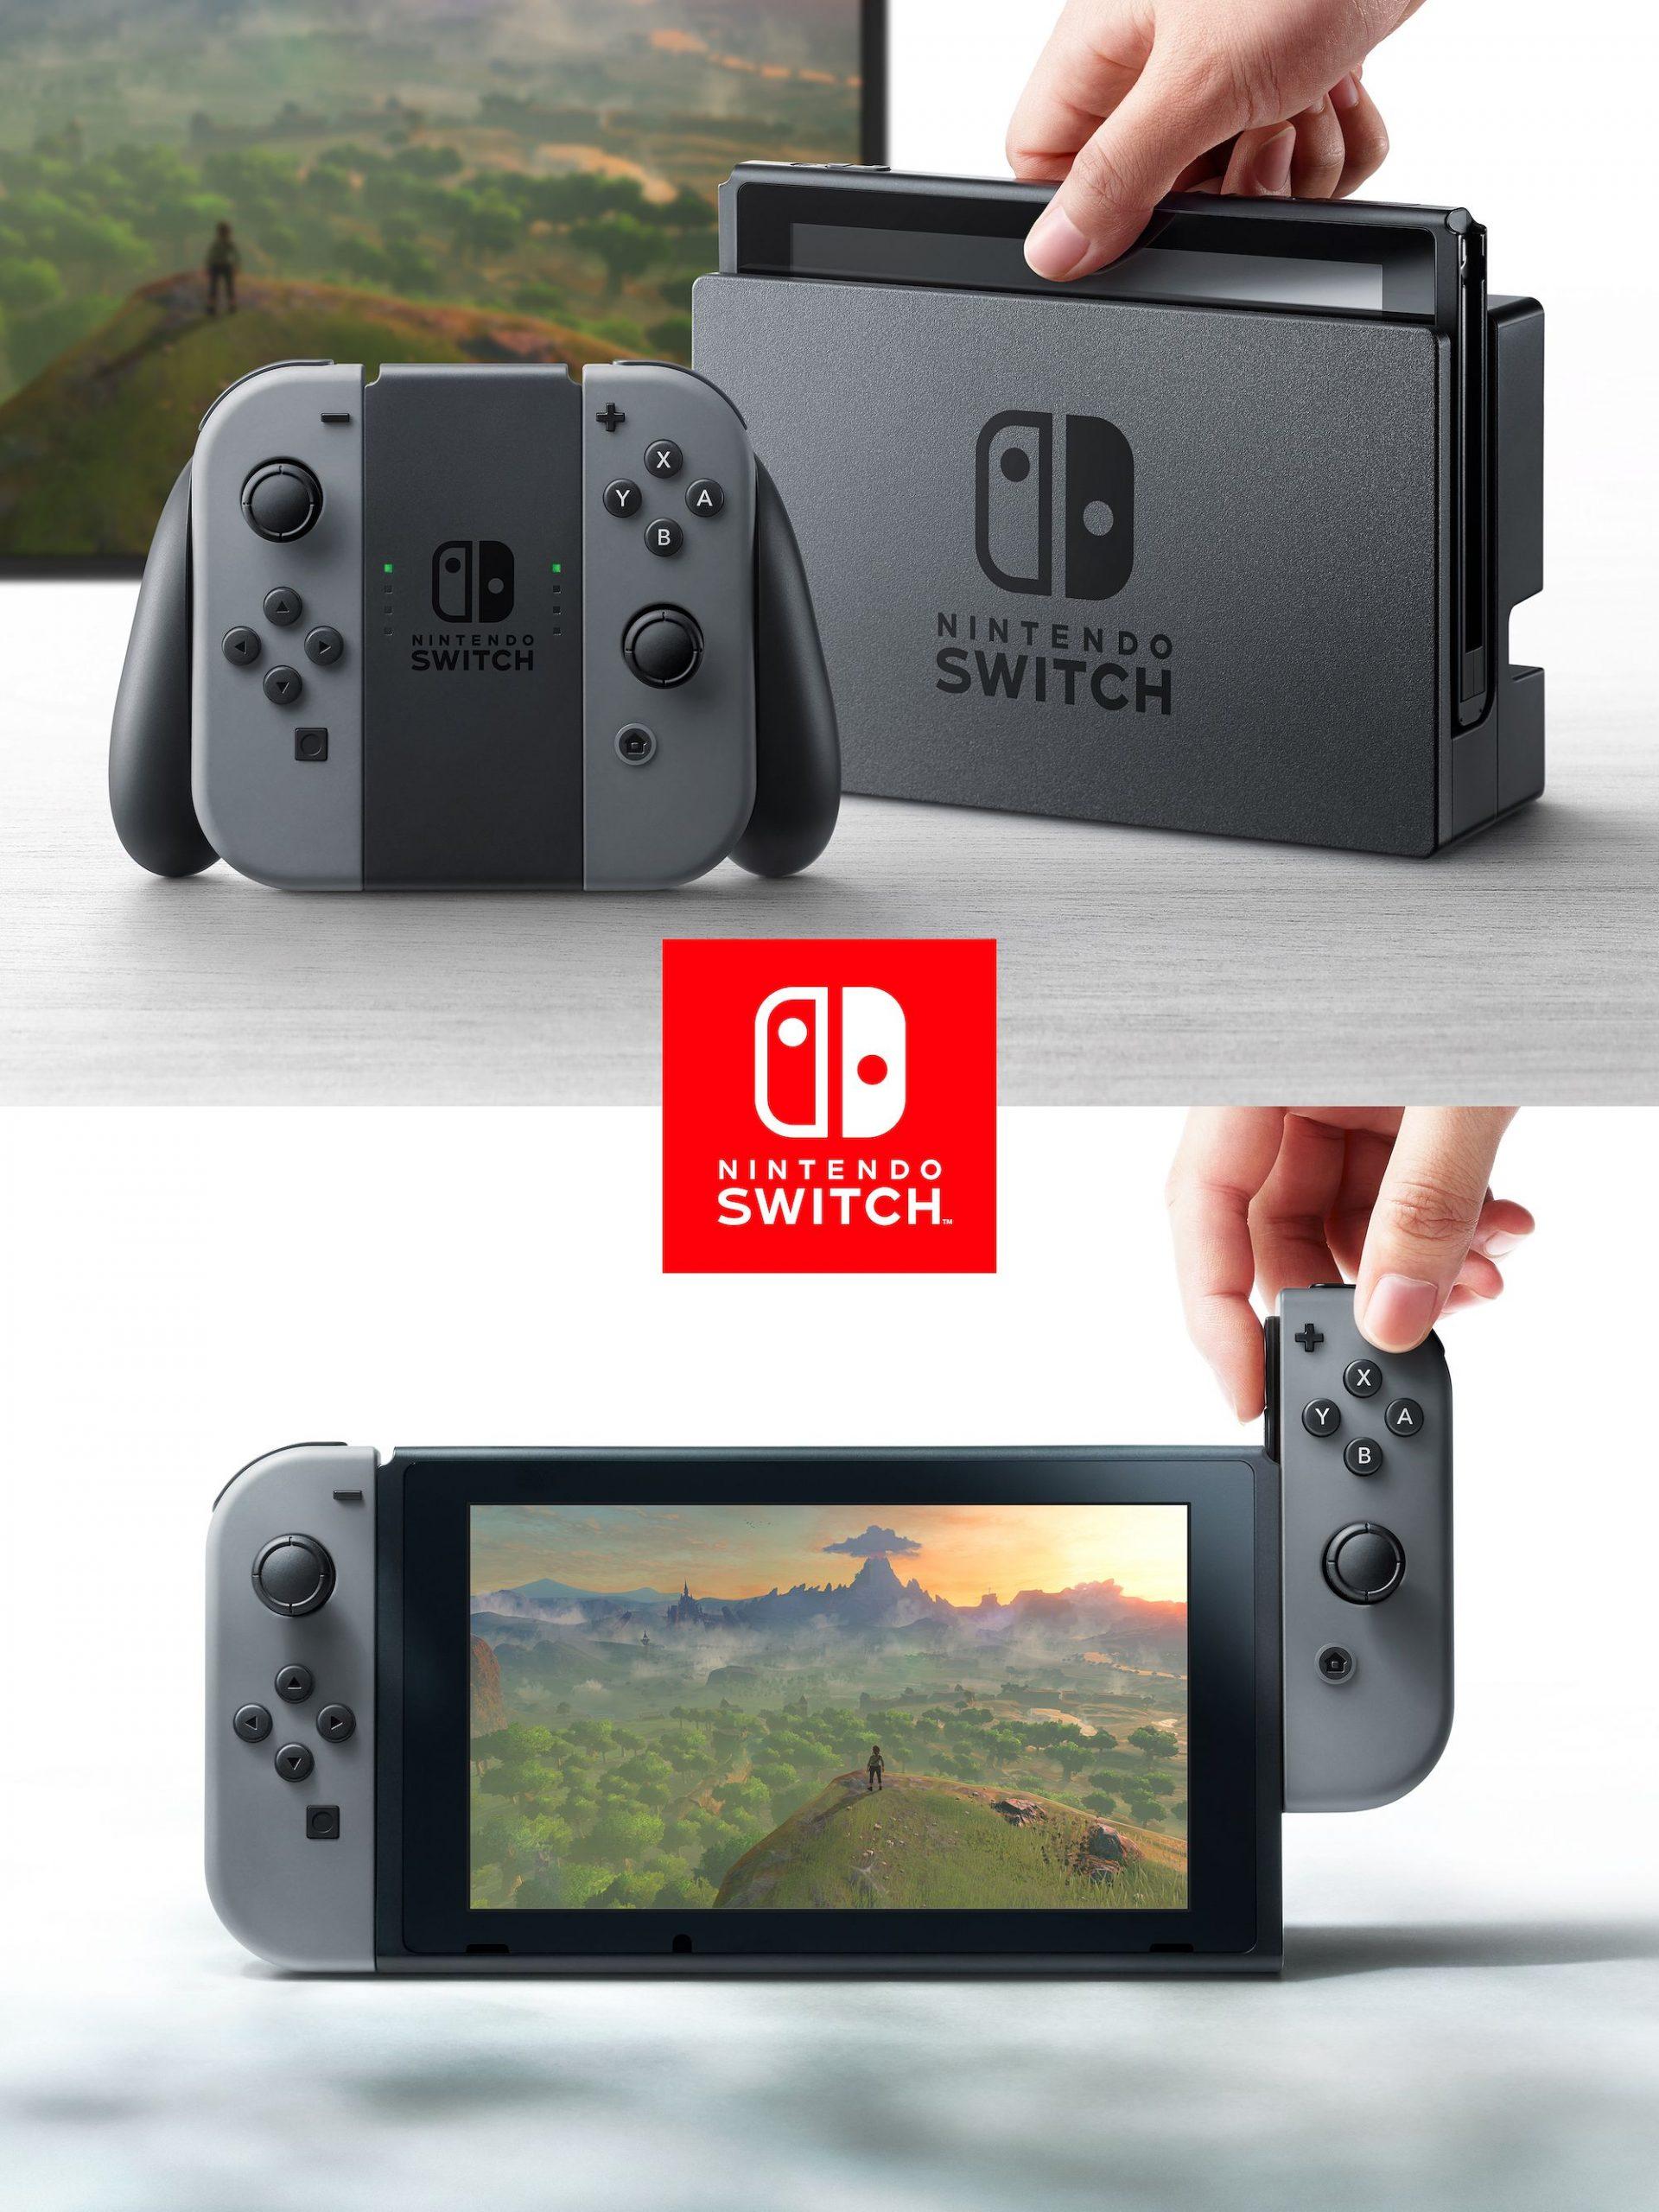 Nintendo Switch toimii sekä televisioon liitettävänä että kannettavana pelikonsolina.